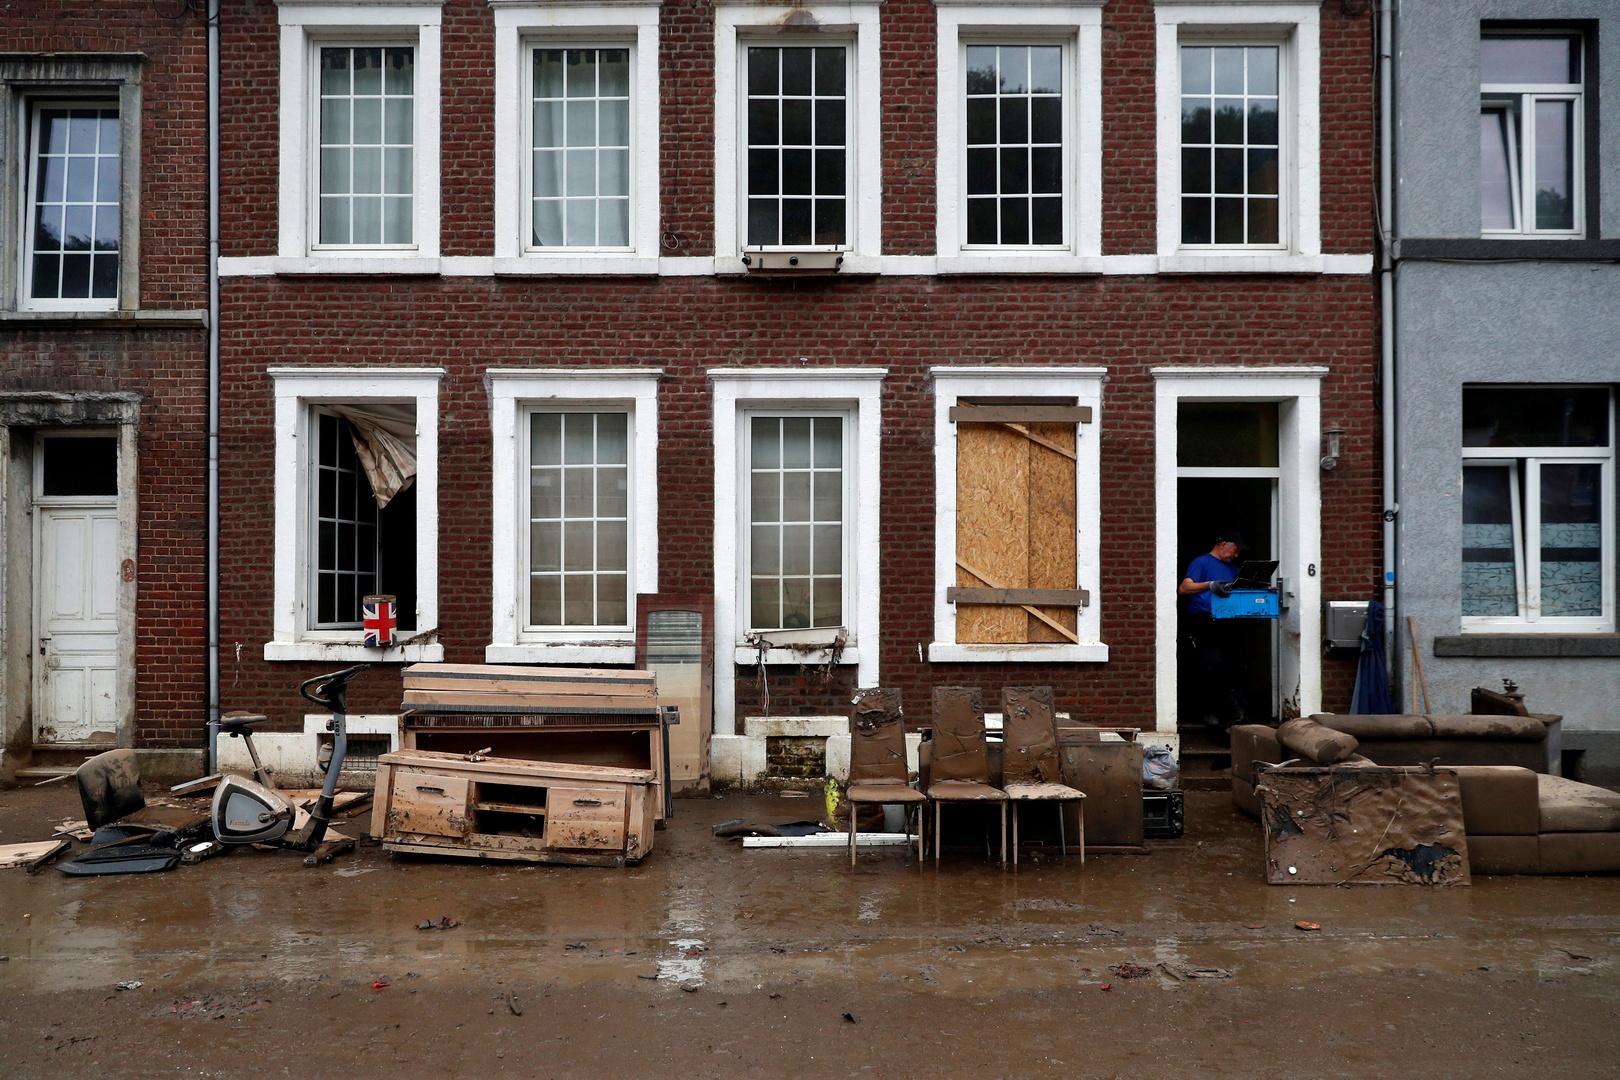 مدينة بلجيكية تشهد أسوأ سيول منذ عقود